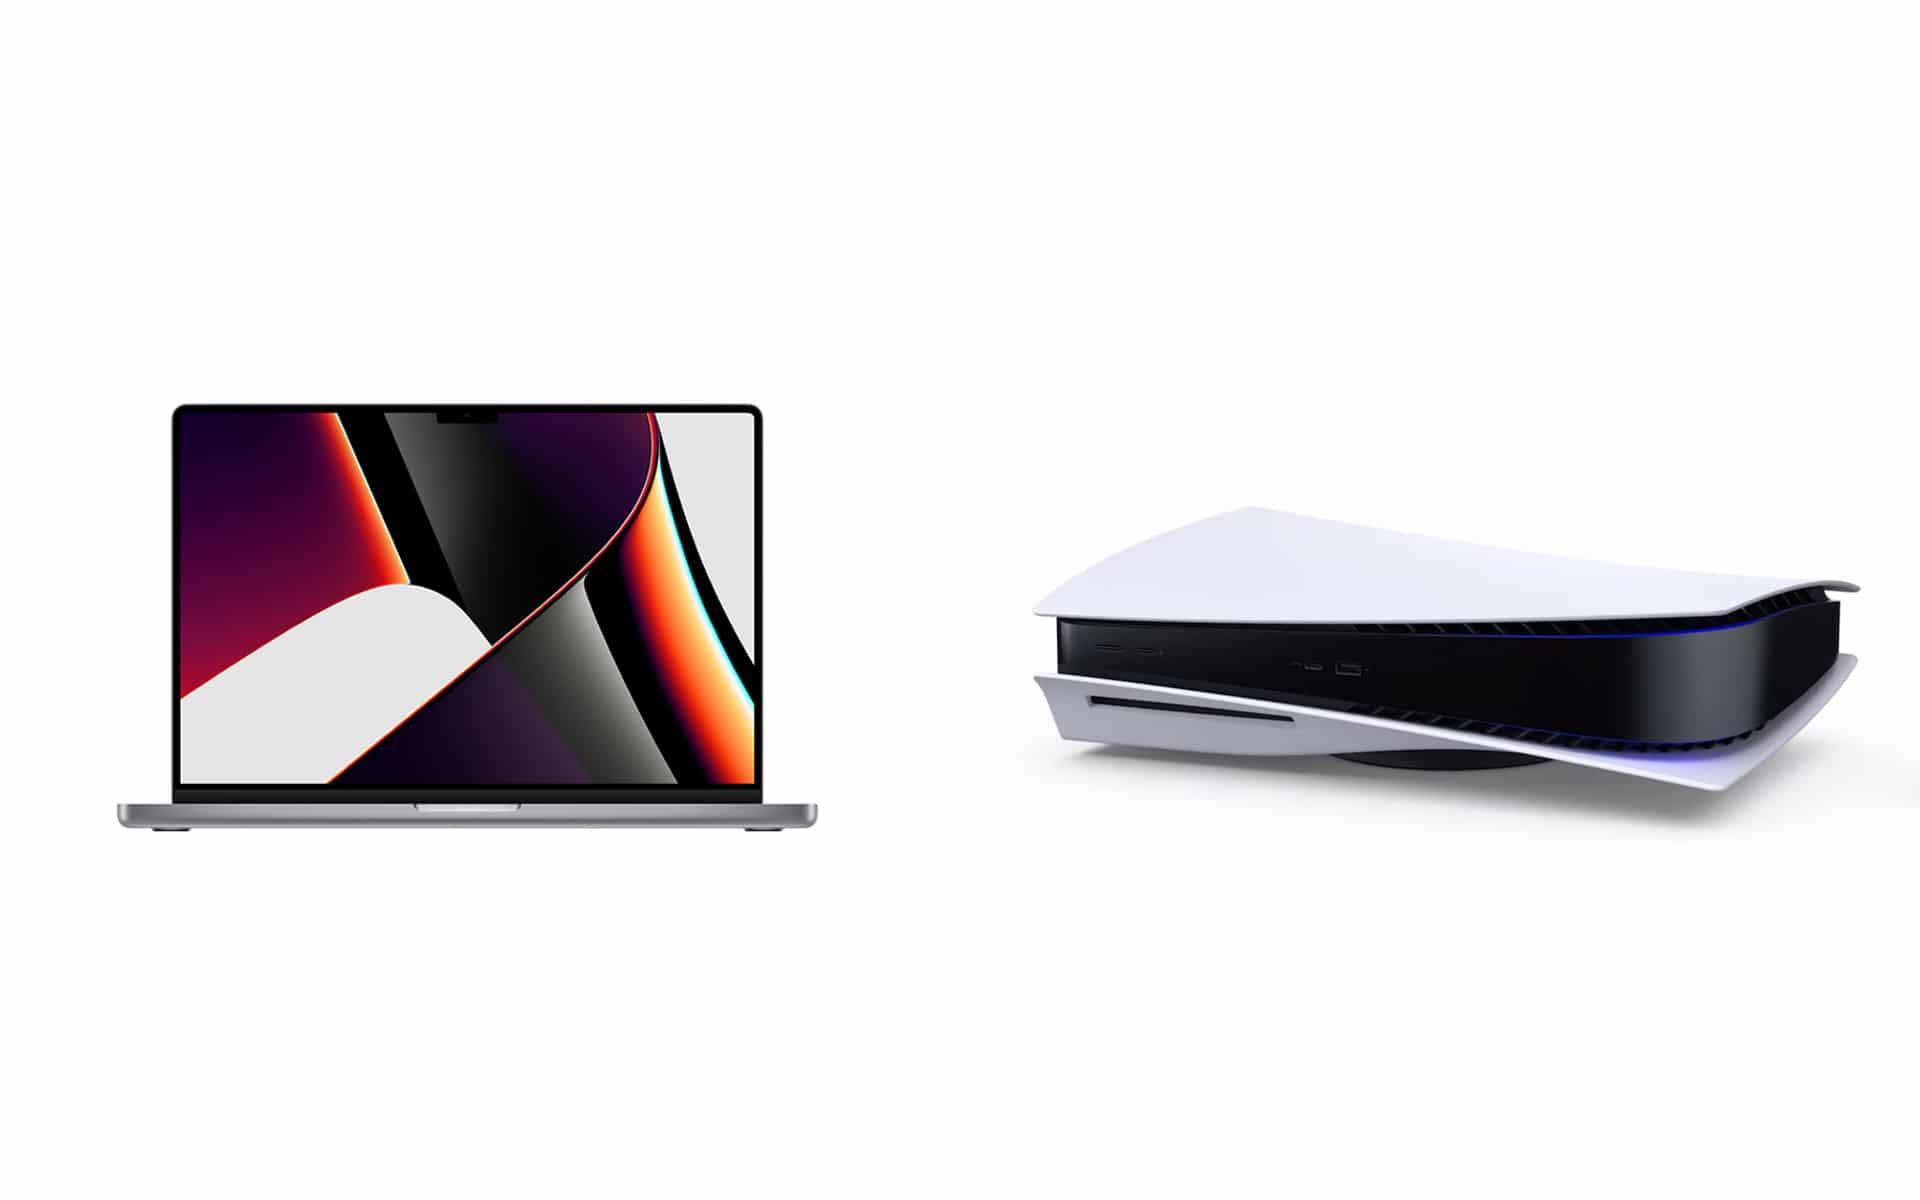 MacBook Pro PS5